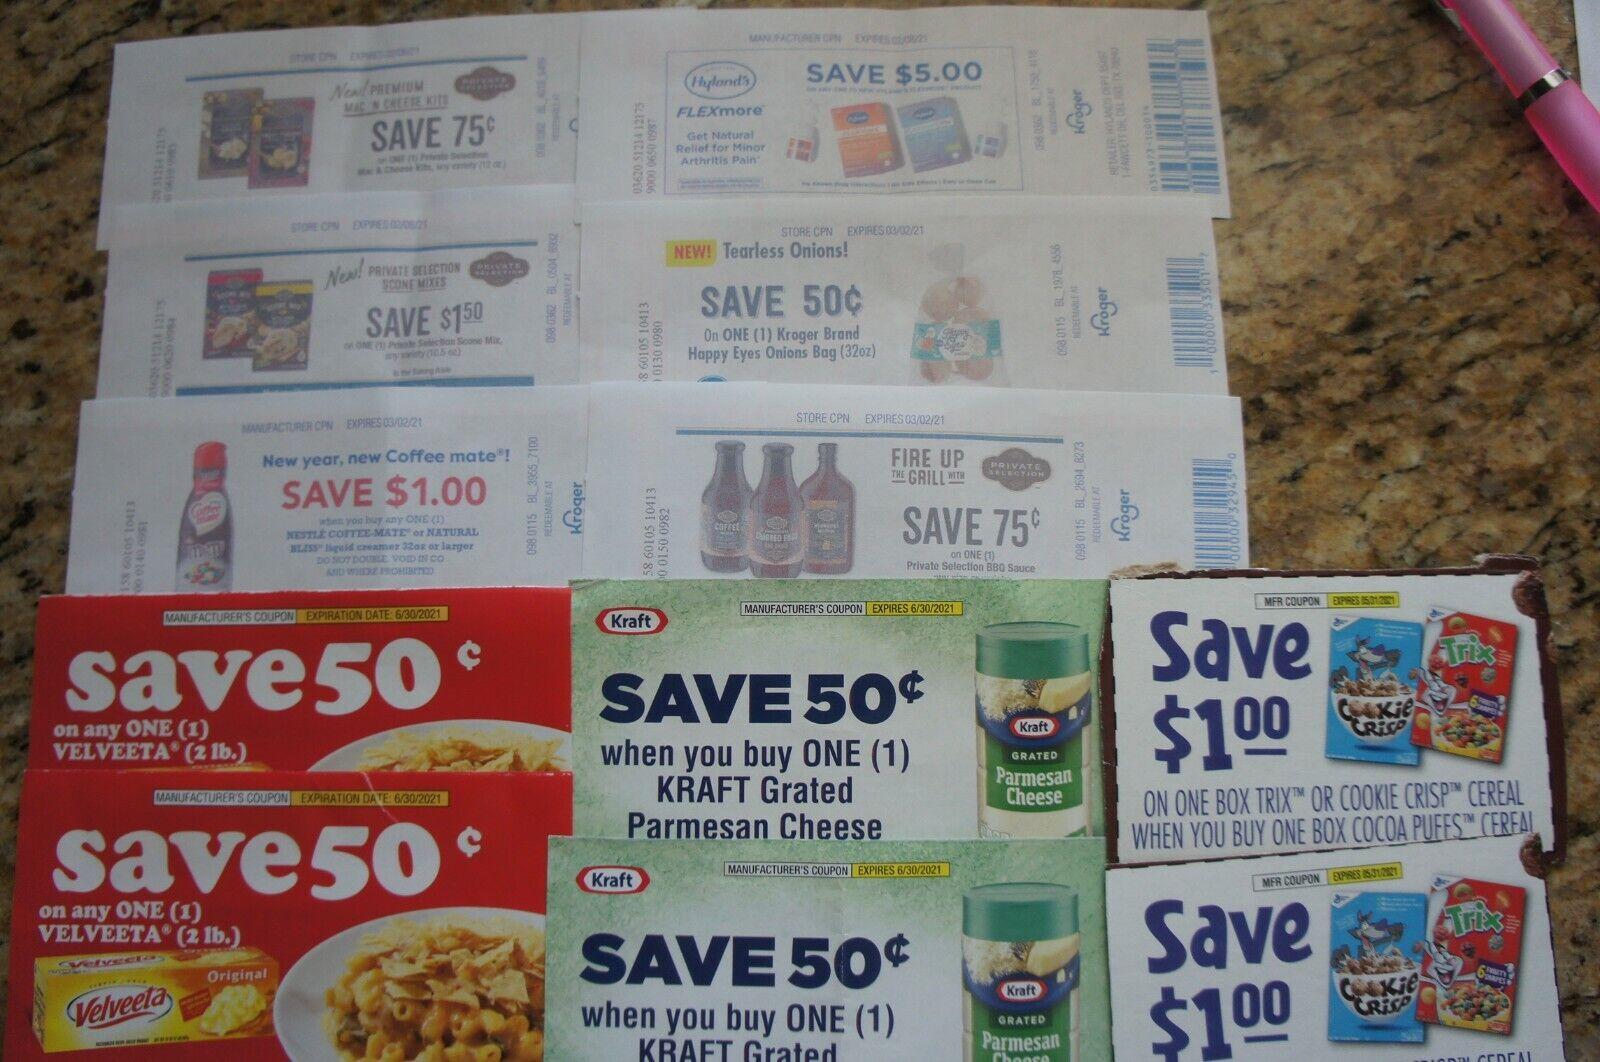 Lot Of Kroger Grocery Coupons Kraft Velveeta General Mills Coffee Mate - $2.99